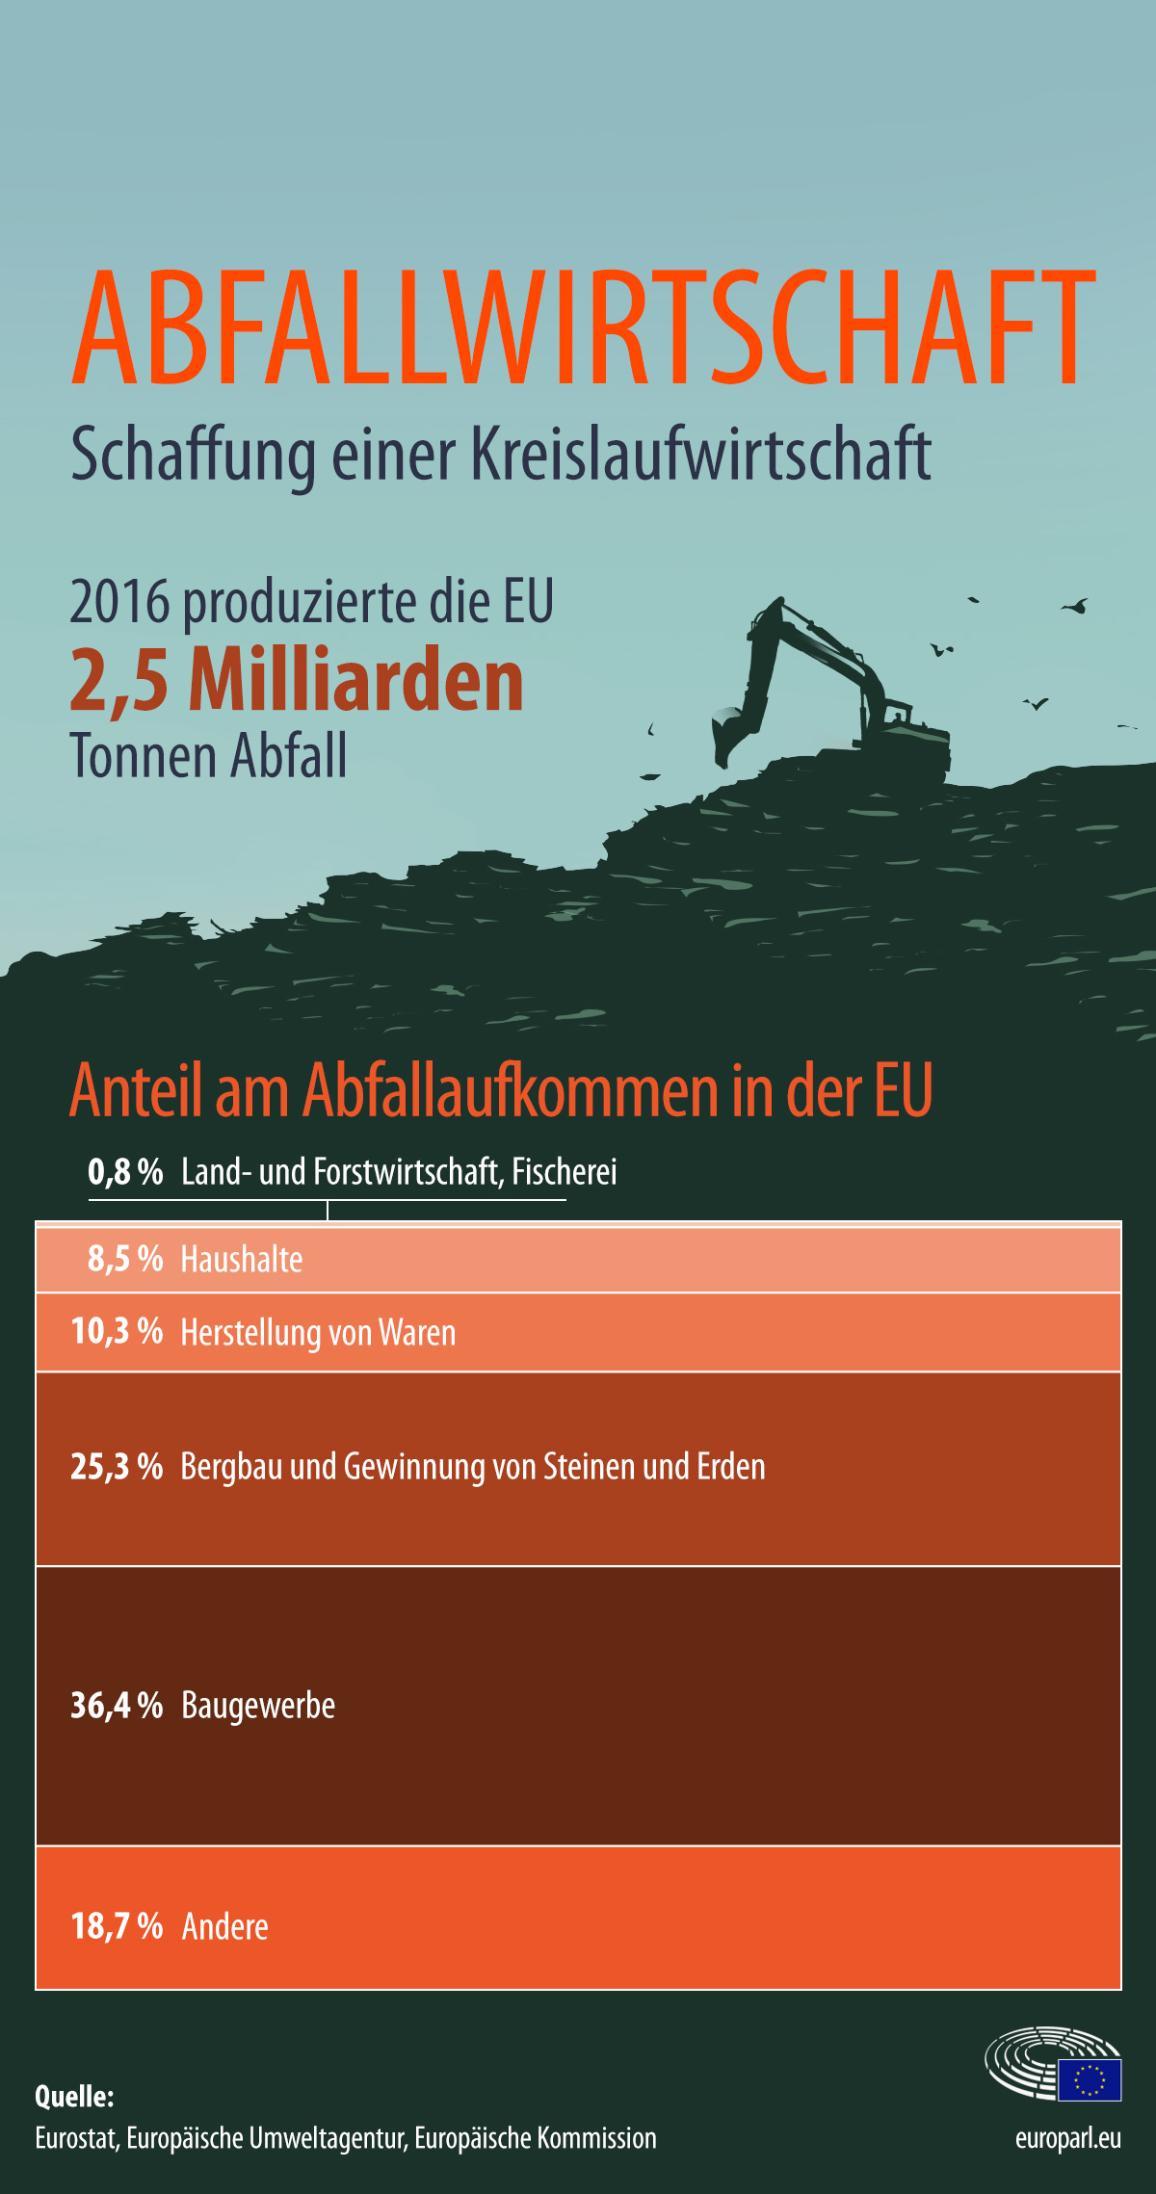 Infografik über die Schaffung einer Kreislaufwirtschaft mit Abfallaufkommen nach Sektoren